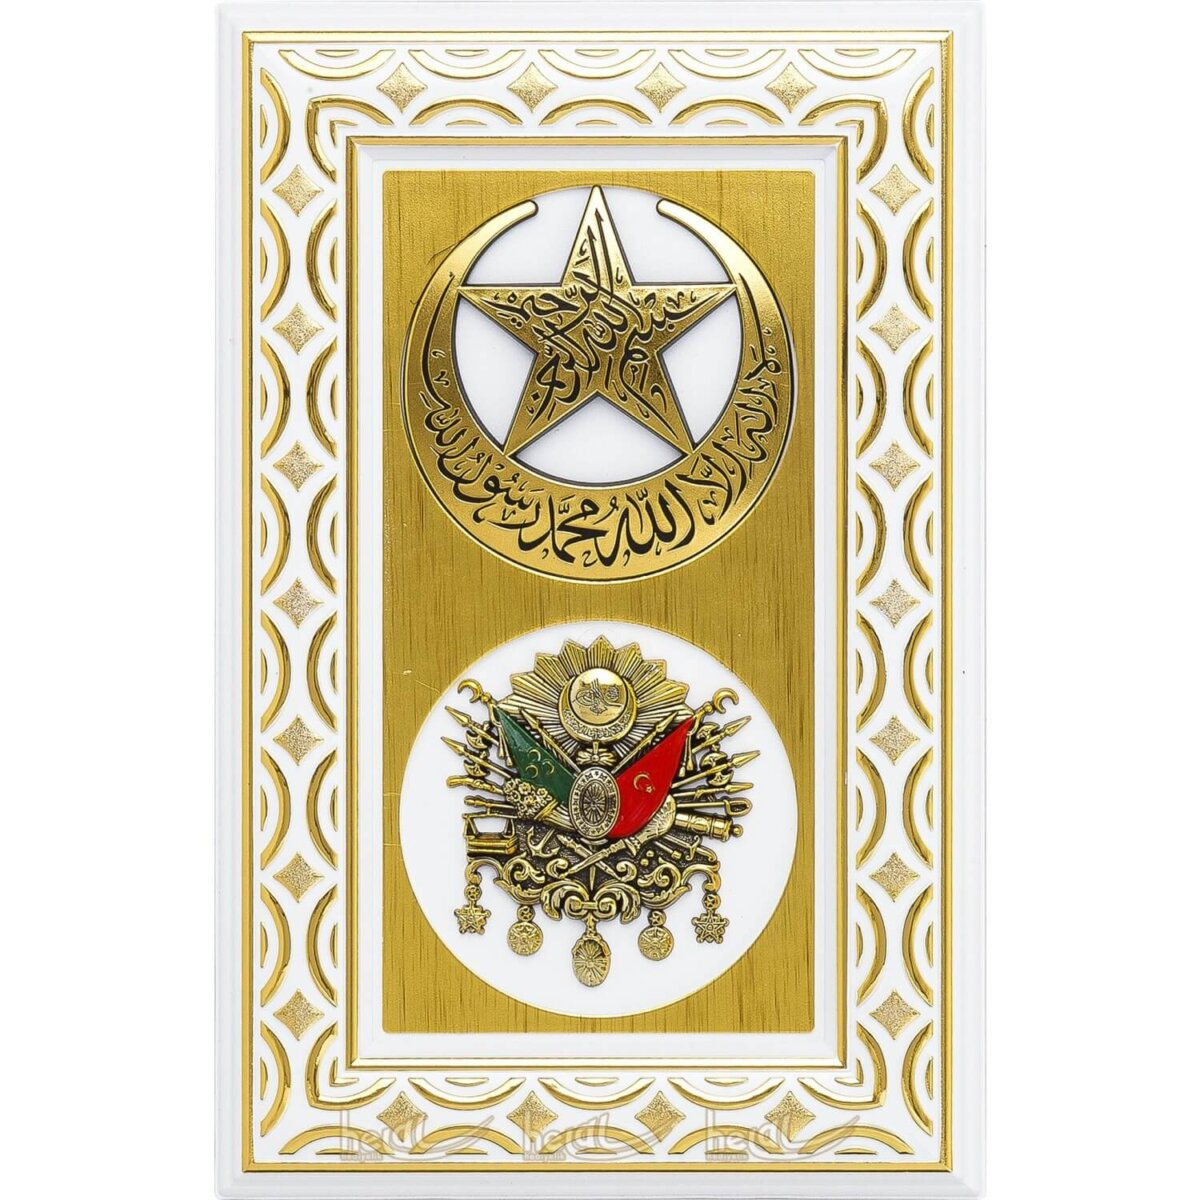 22x34cm Hilalli Ay yıldız – Osmanlı Devlet Arması Ahşap Görünümlü Duvar Panosu Osmanlı Tabloları